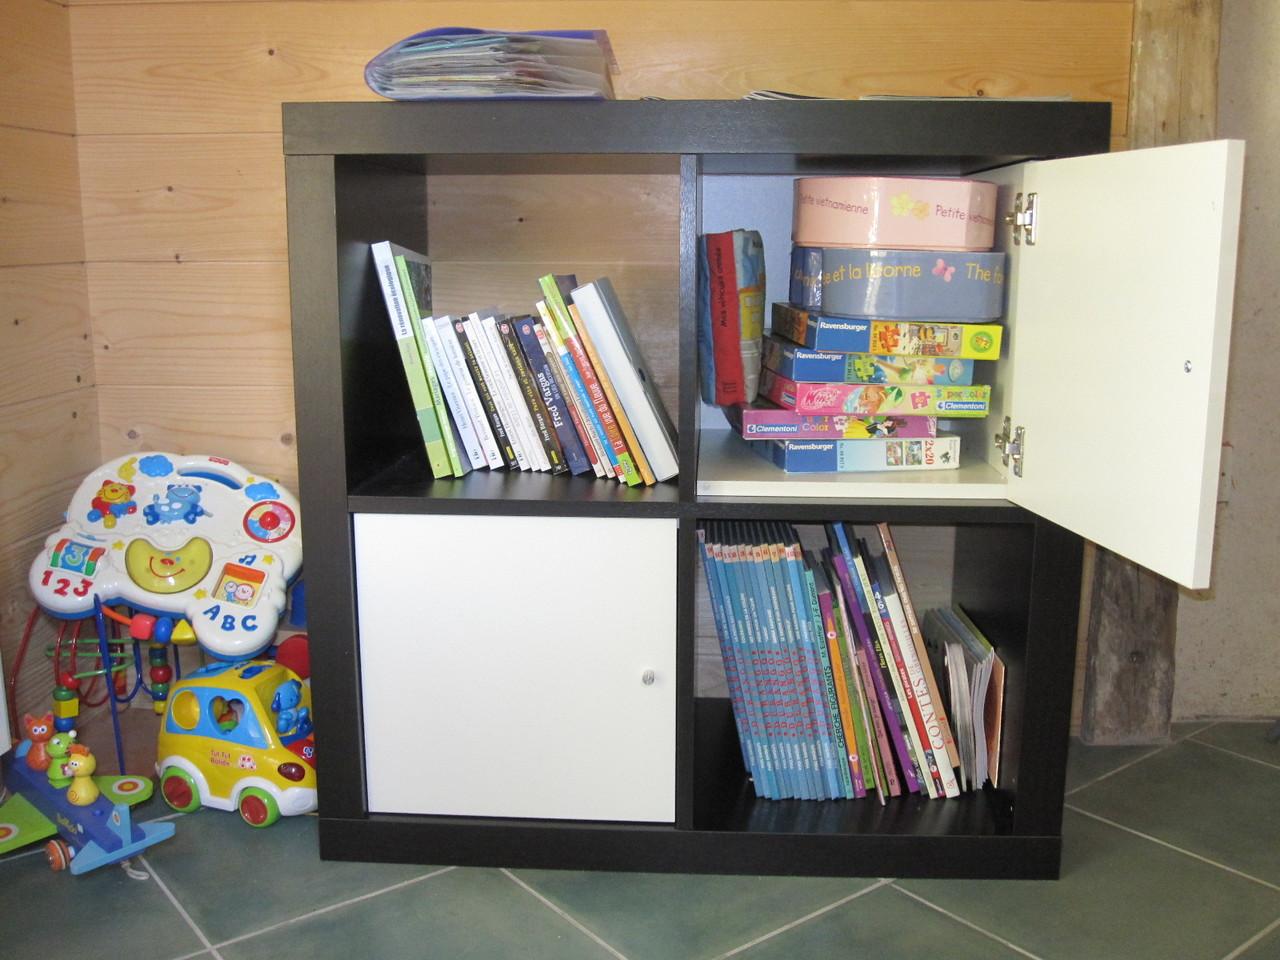 livres, jeux divers et sélection de DVD enfants